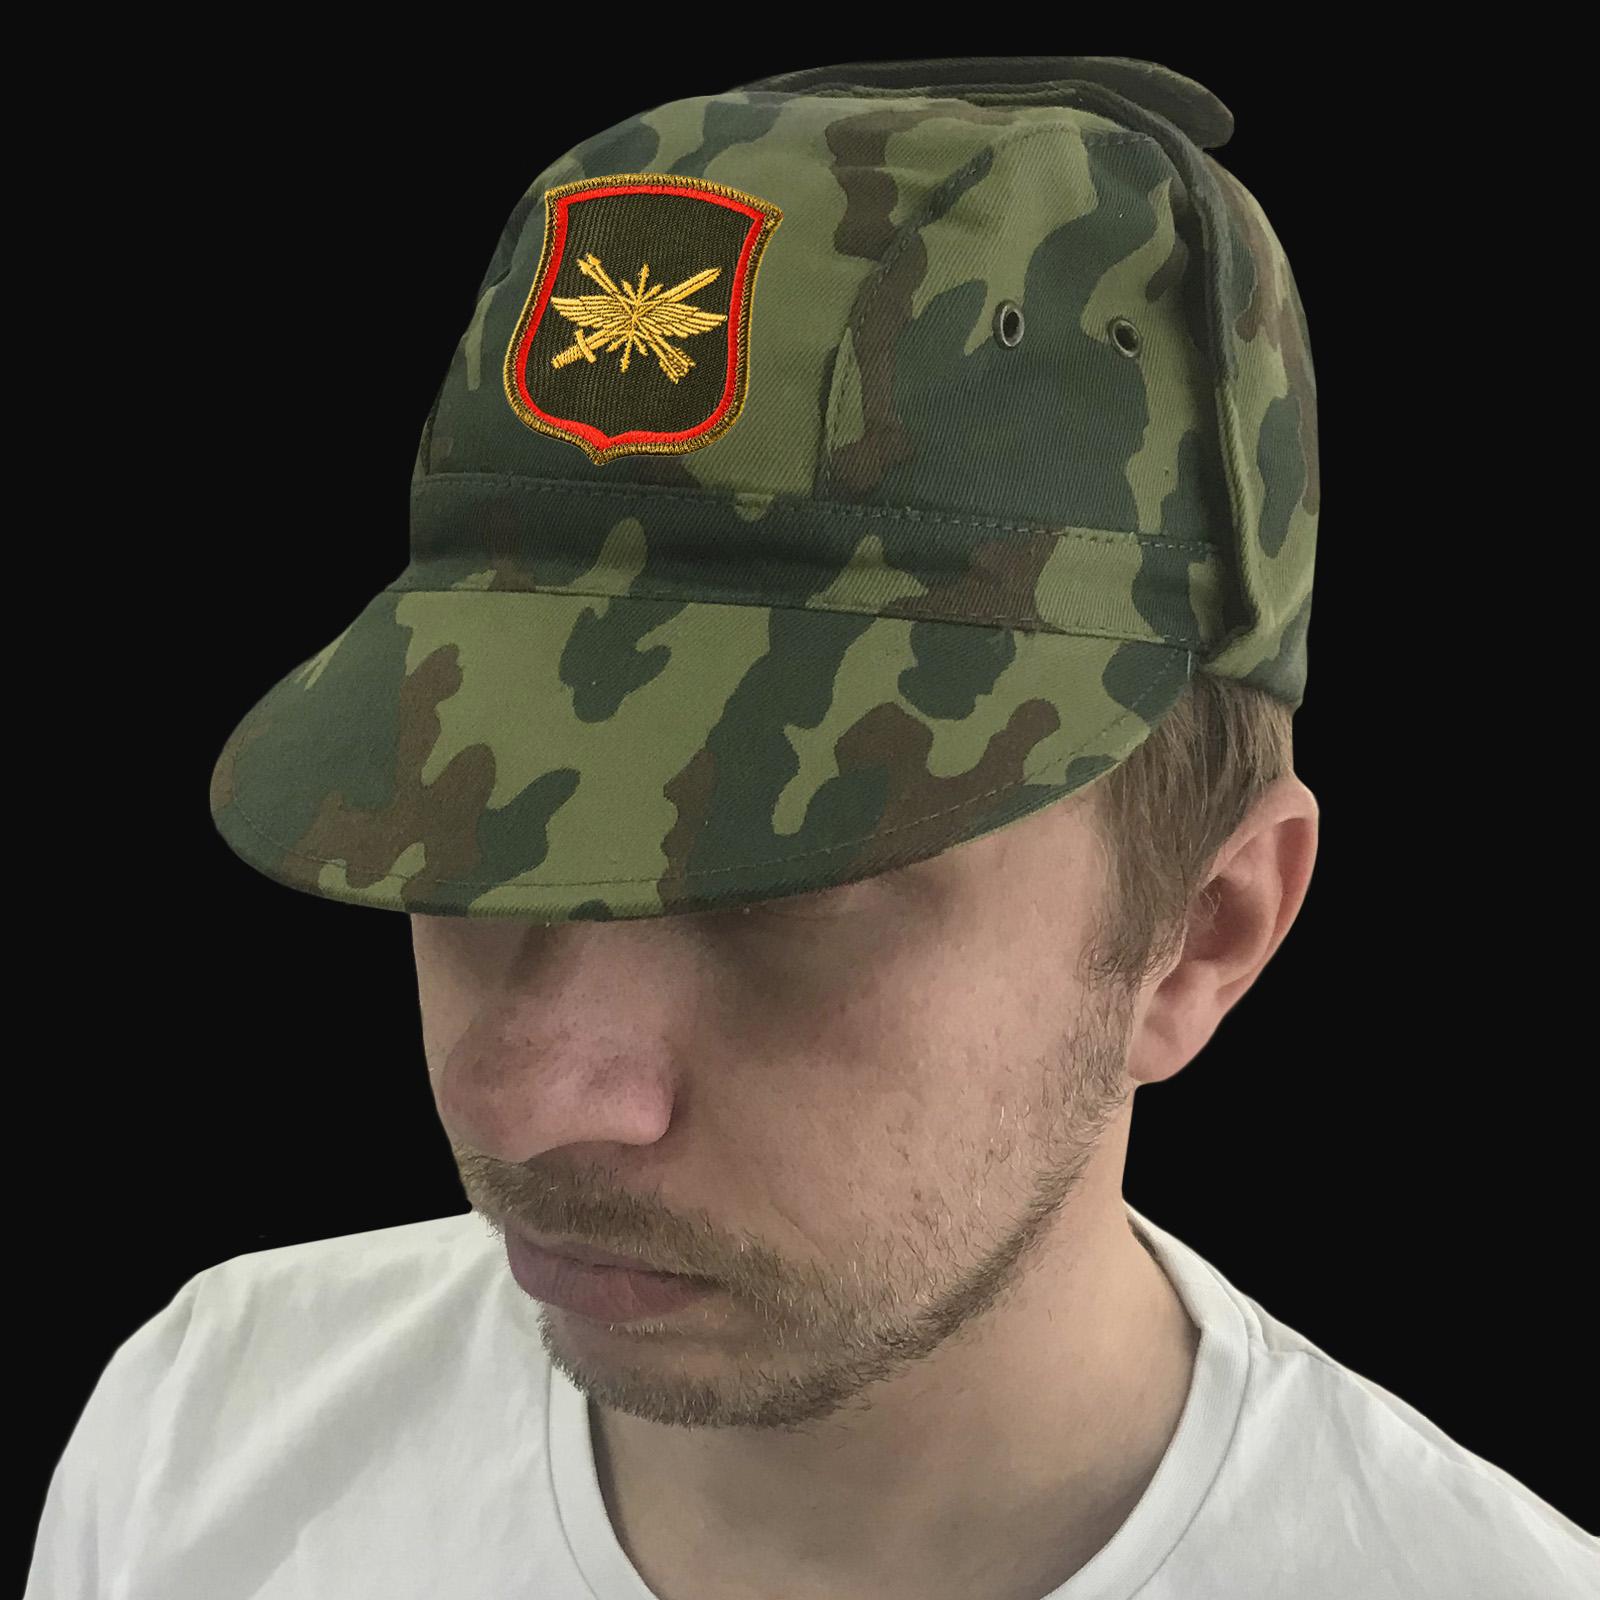 Полевая кепка с эмблемой 882-го центрального узла связи РВСН.